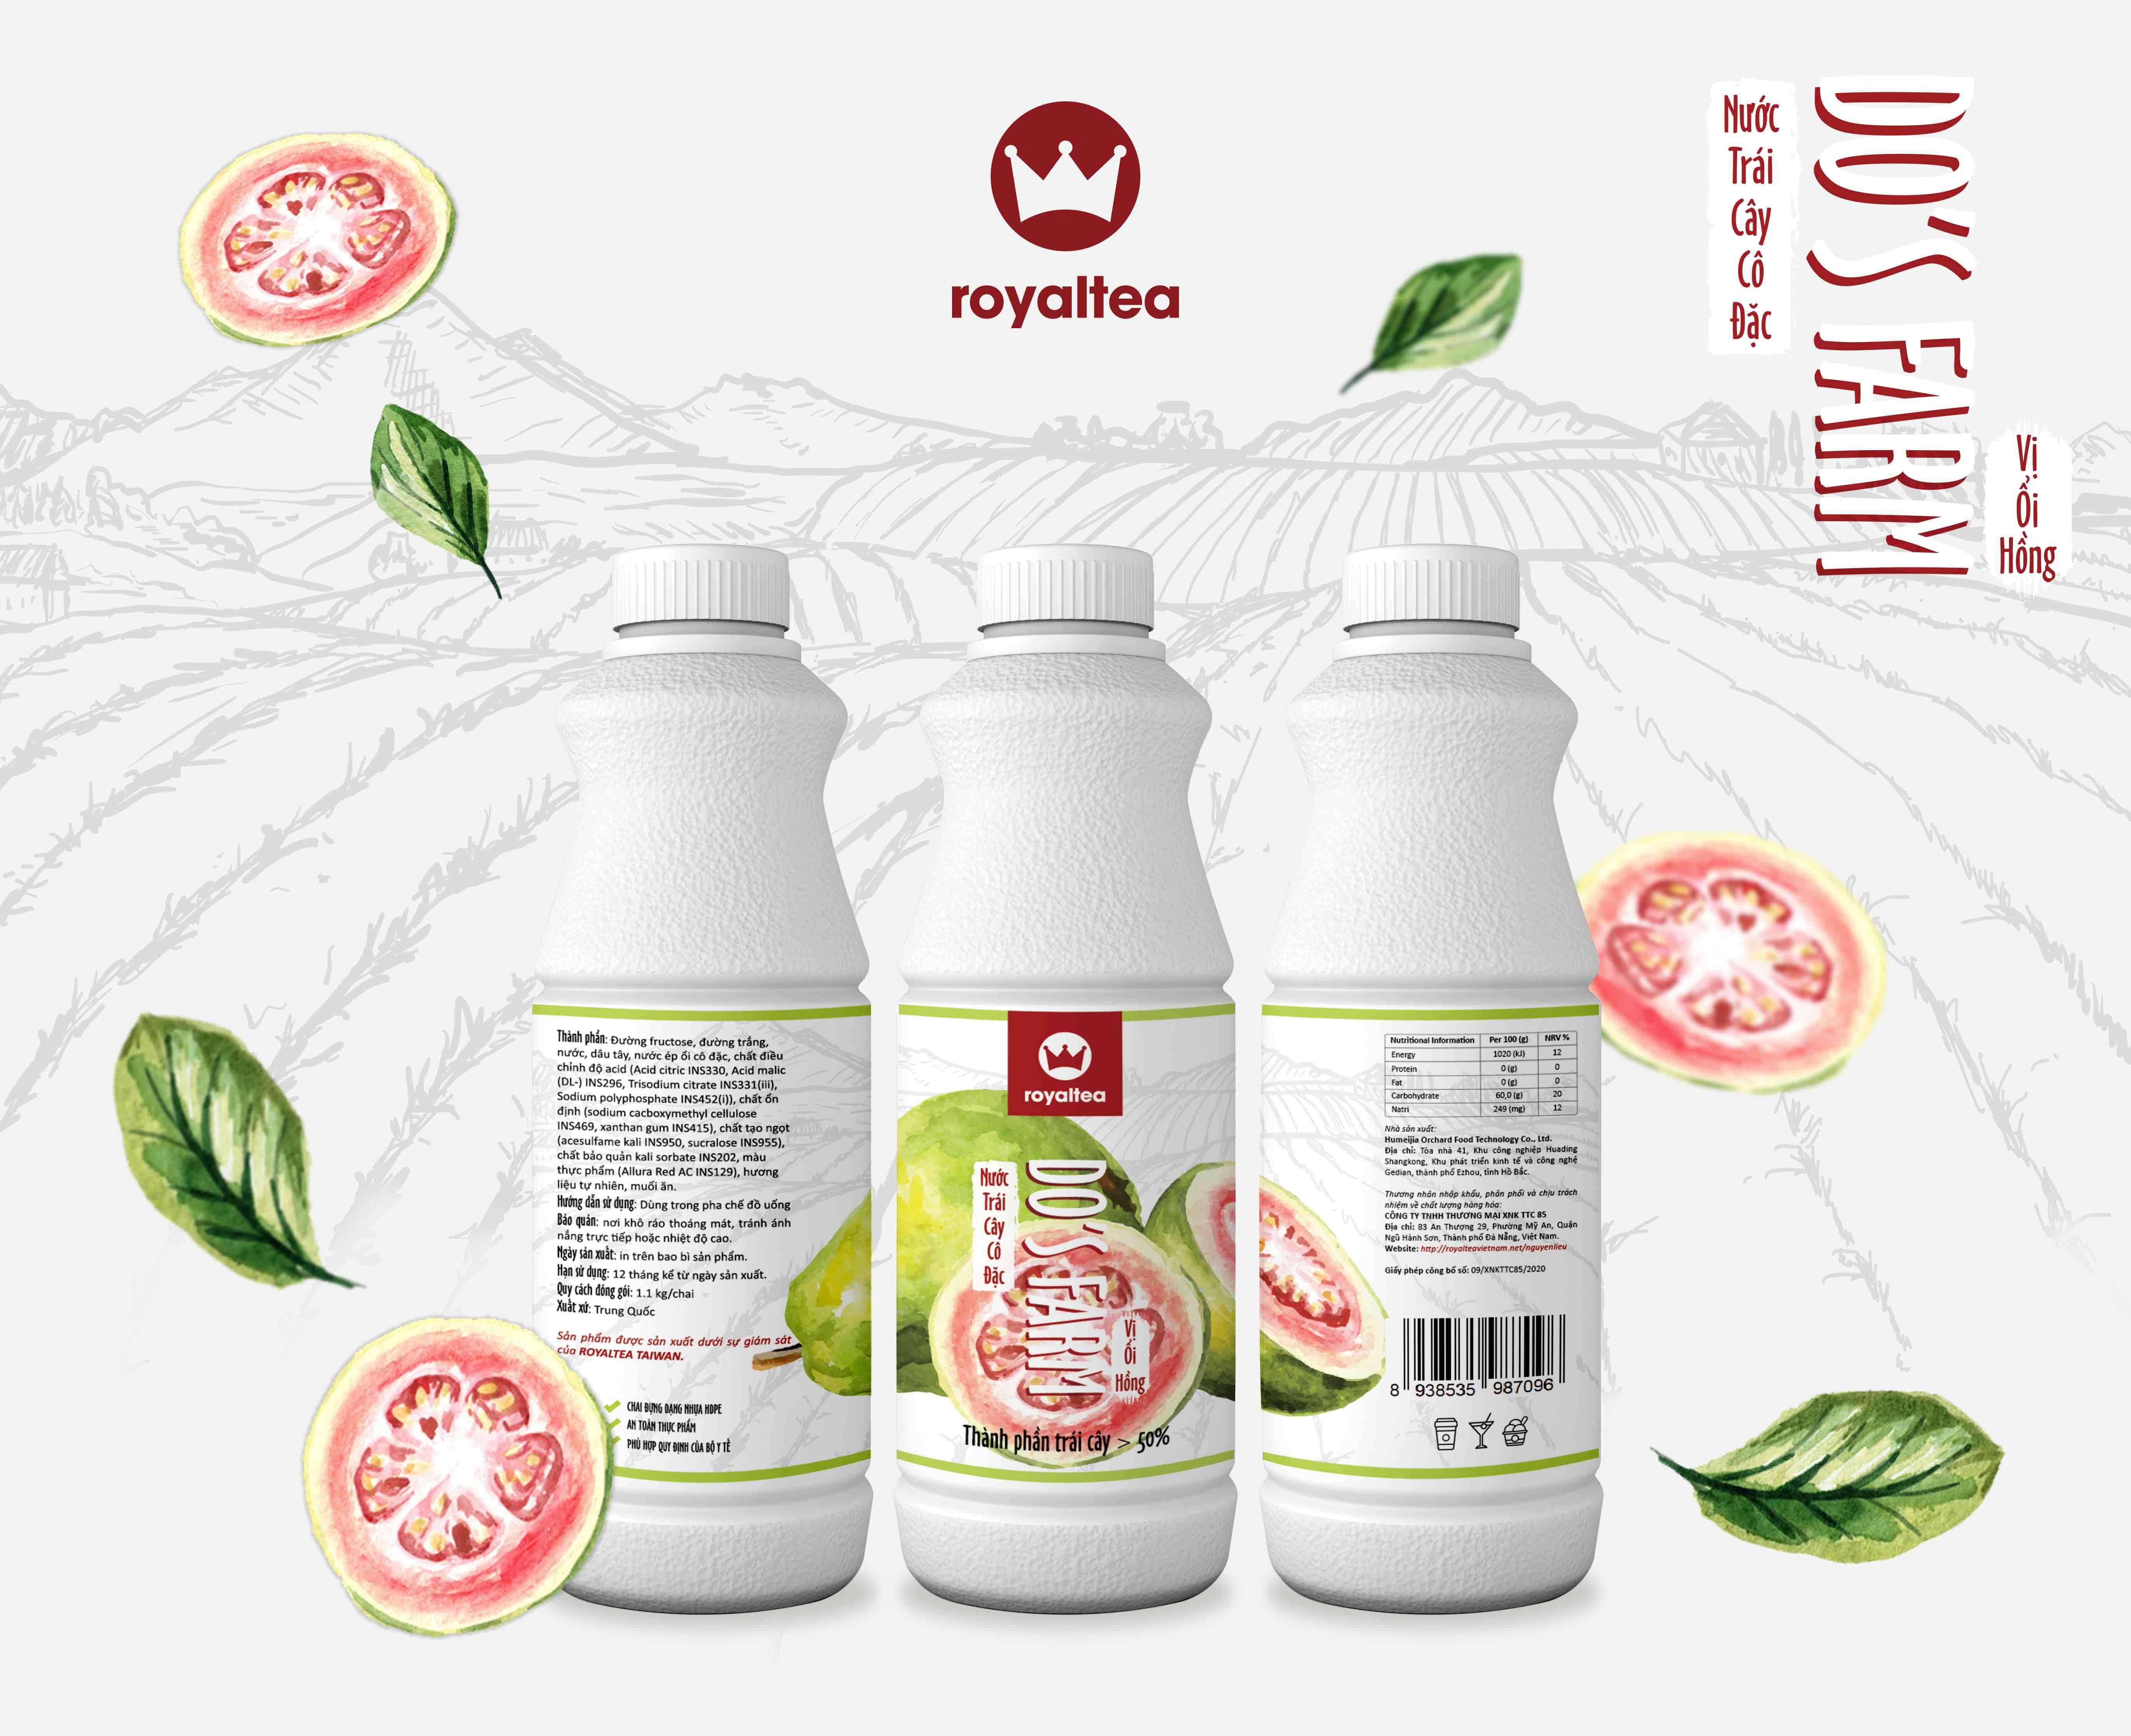 Nước trái cây cô đặc – vị ổi – 190.000 VNĐ